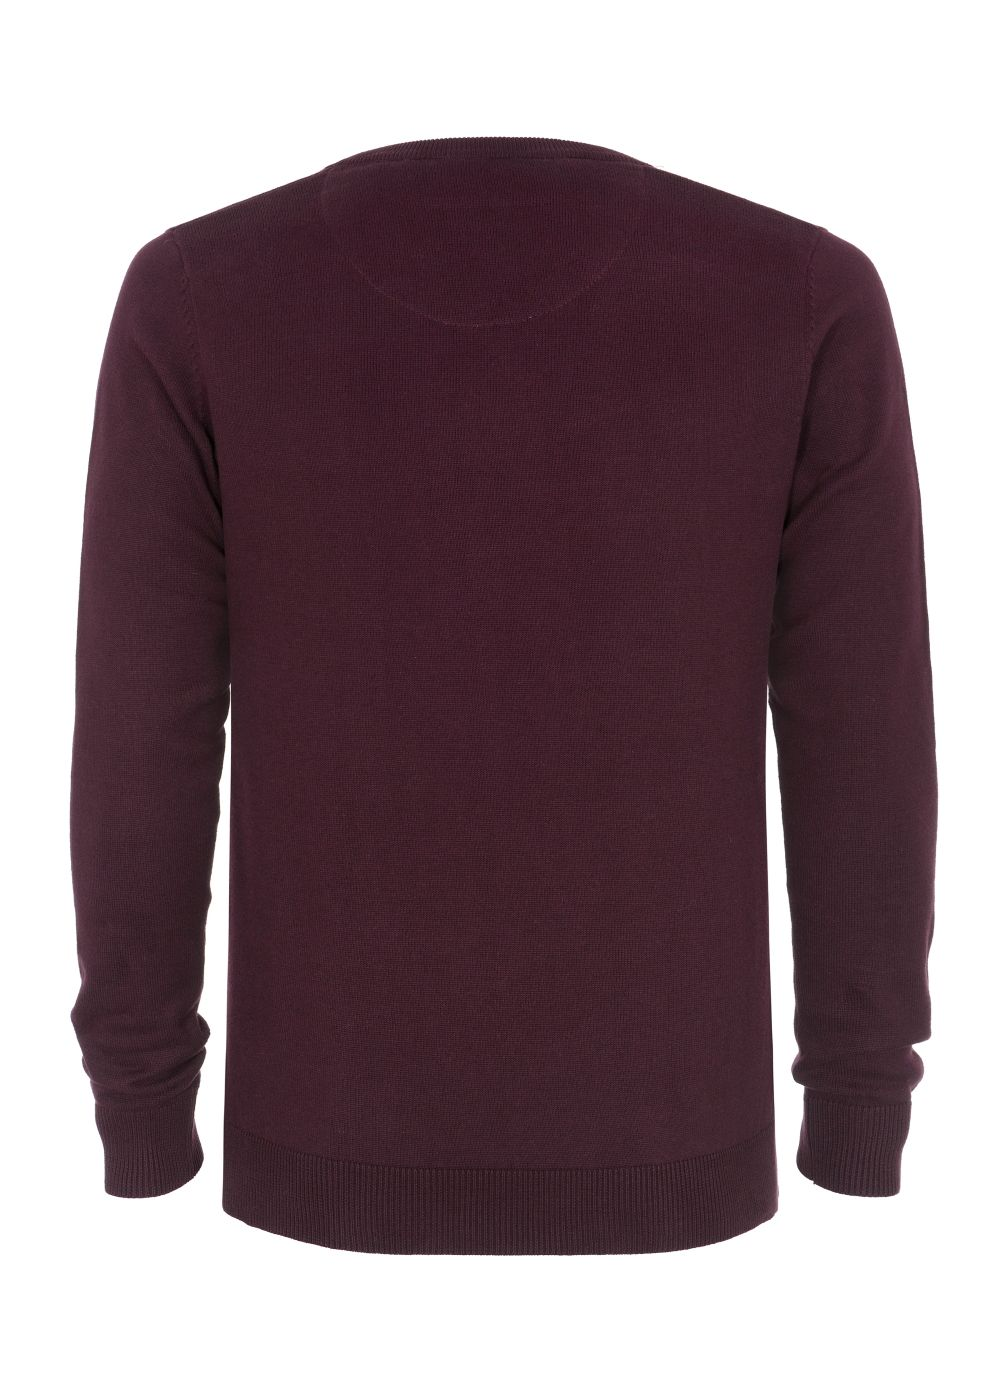 Sweter męski SWEMT-0041-49(Z20)